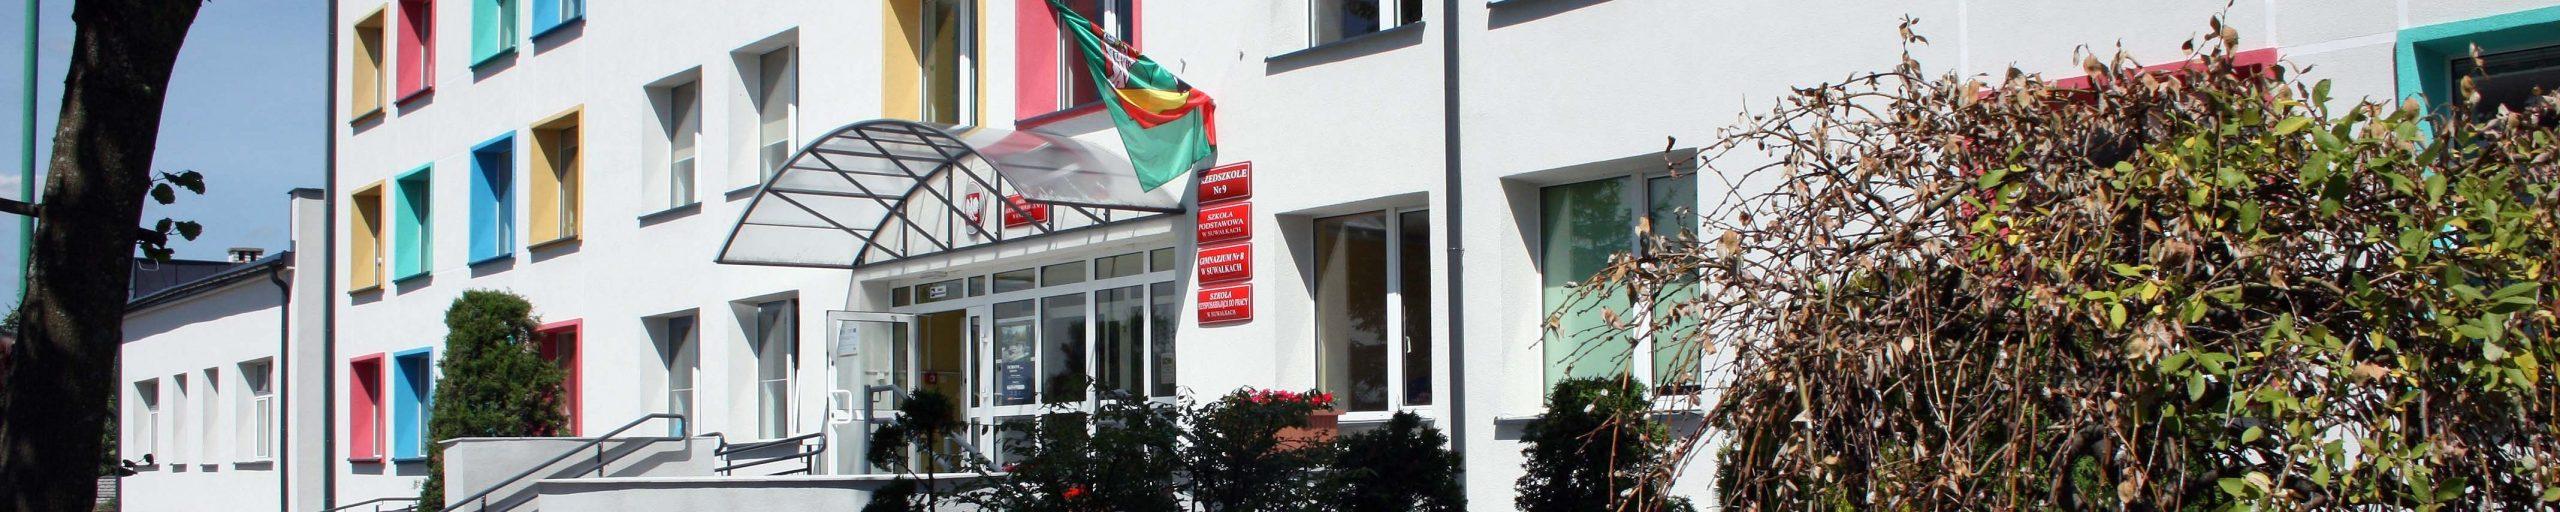 Specjalny Ośrodek Szkolno – Wychowawczy nr 1 w Suwałkach